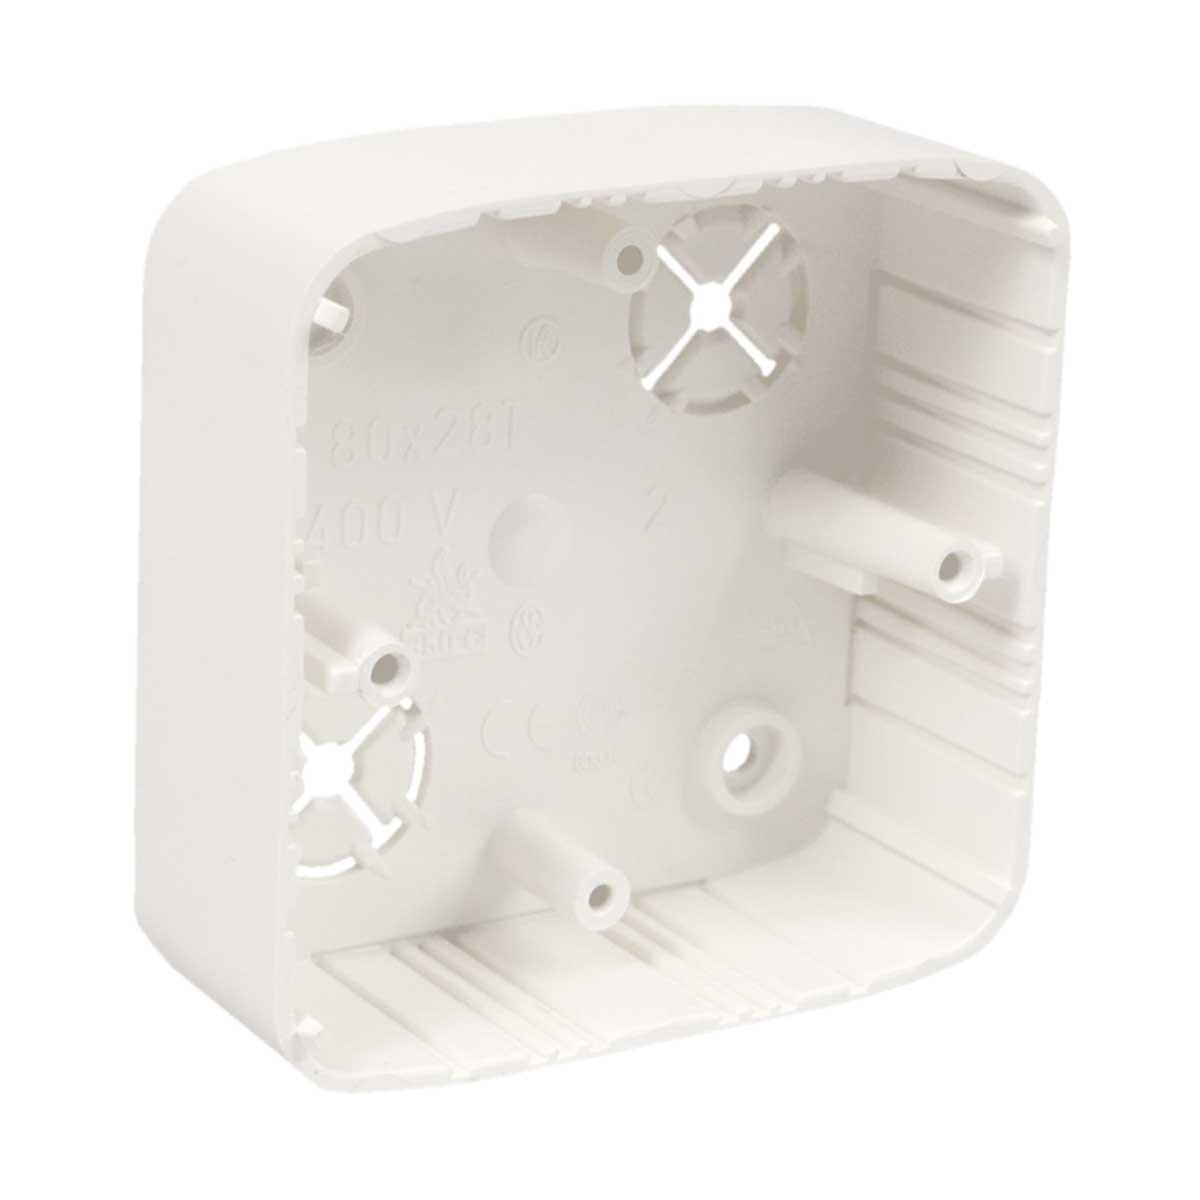 Коробка приладова  безгалогенна; розміри 80,5х80,5х28мм